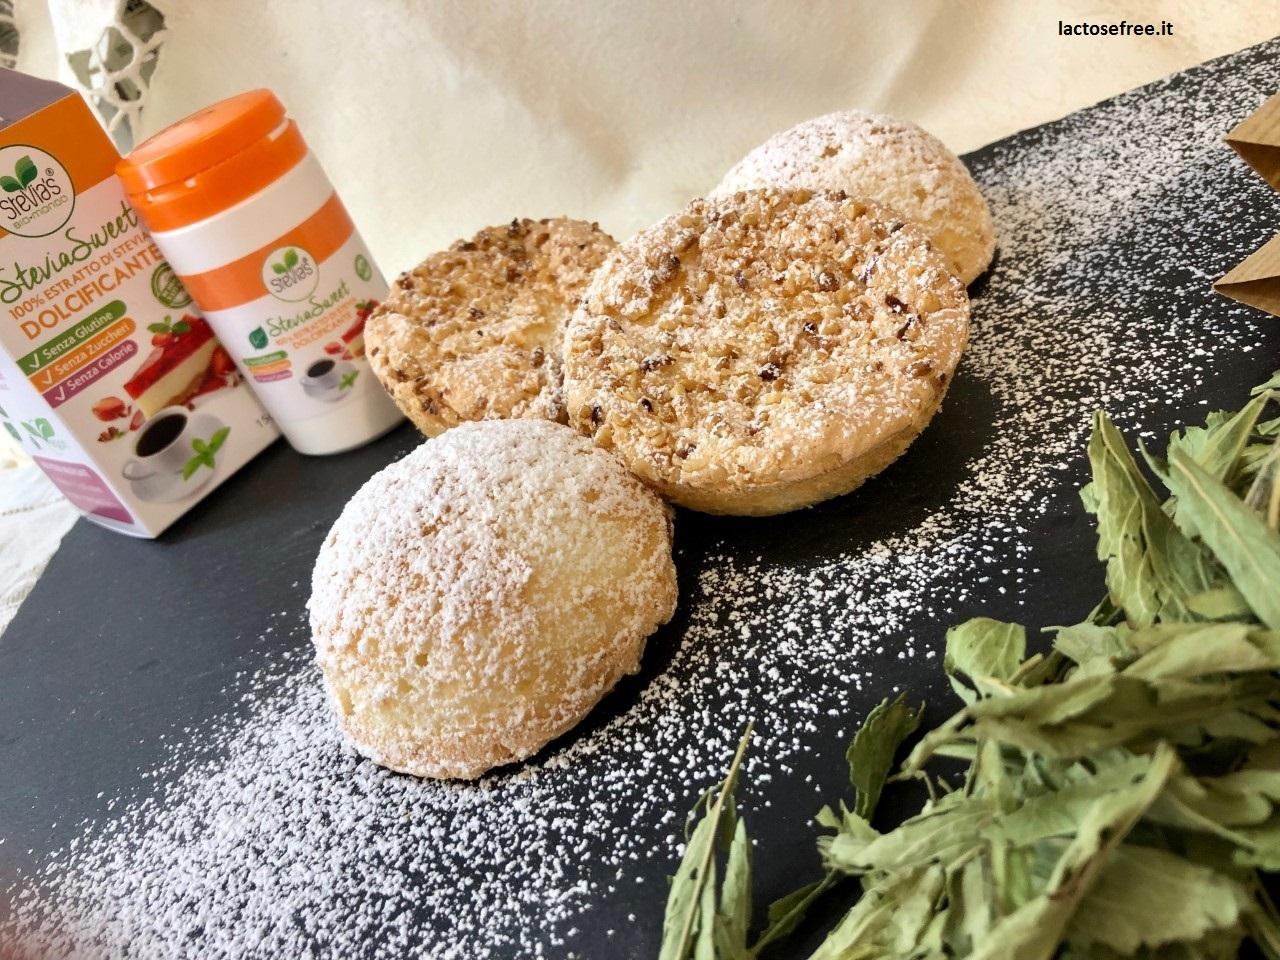 Biscotti leggeri alle nocciole con stevia1